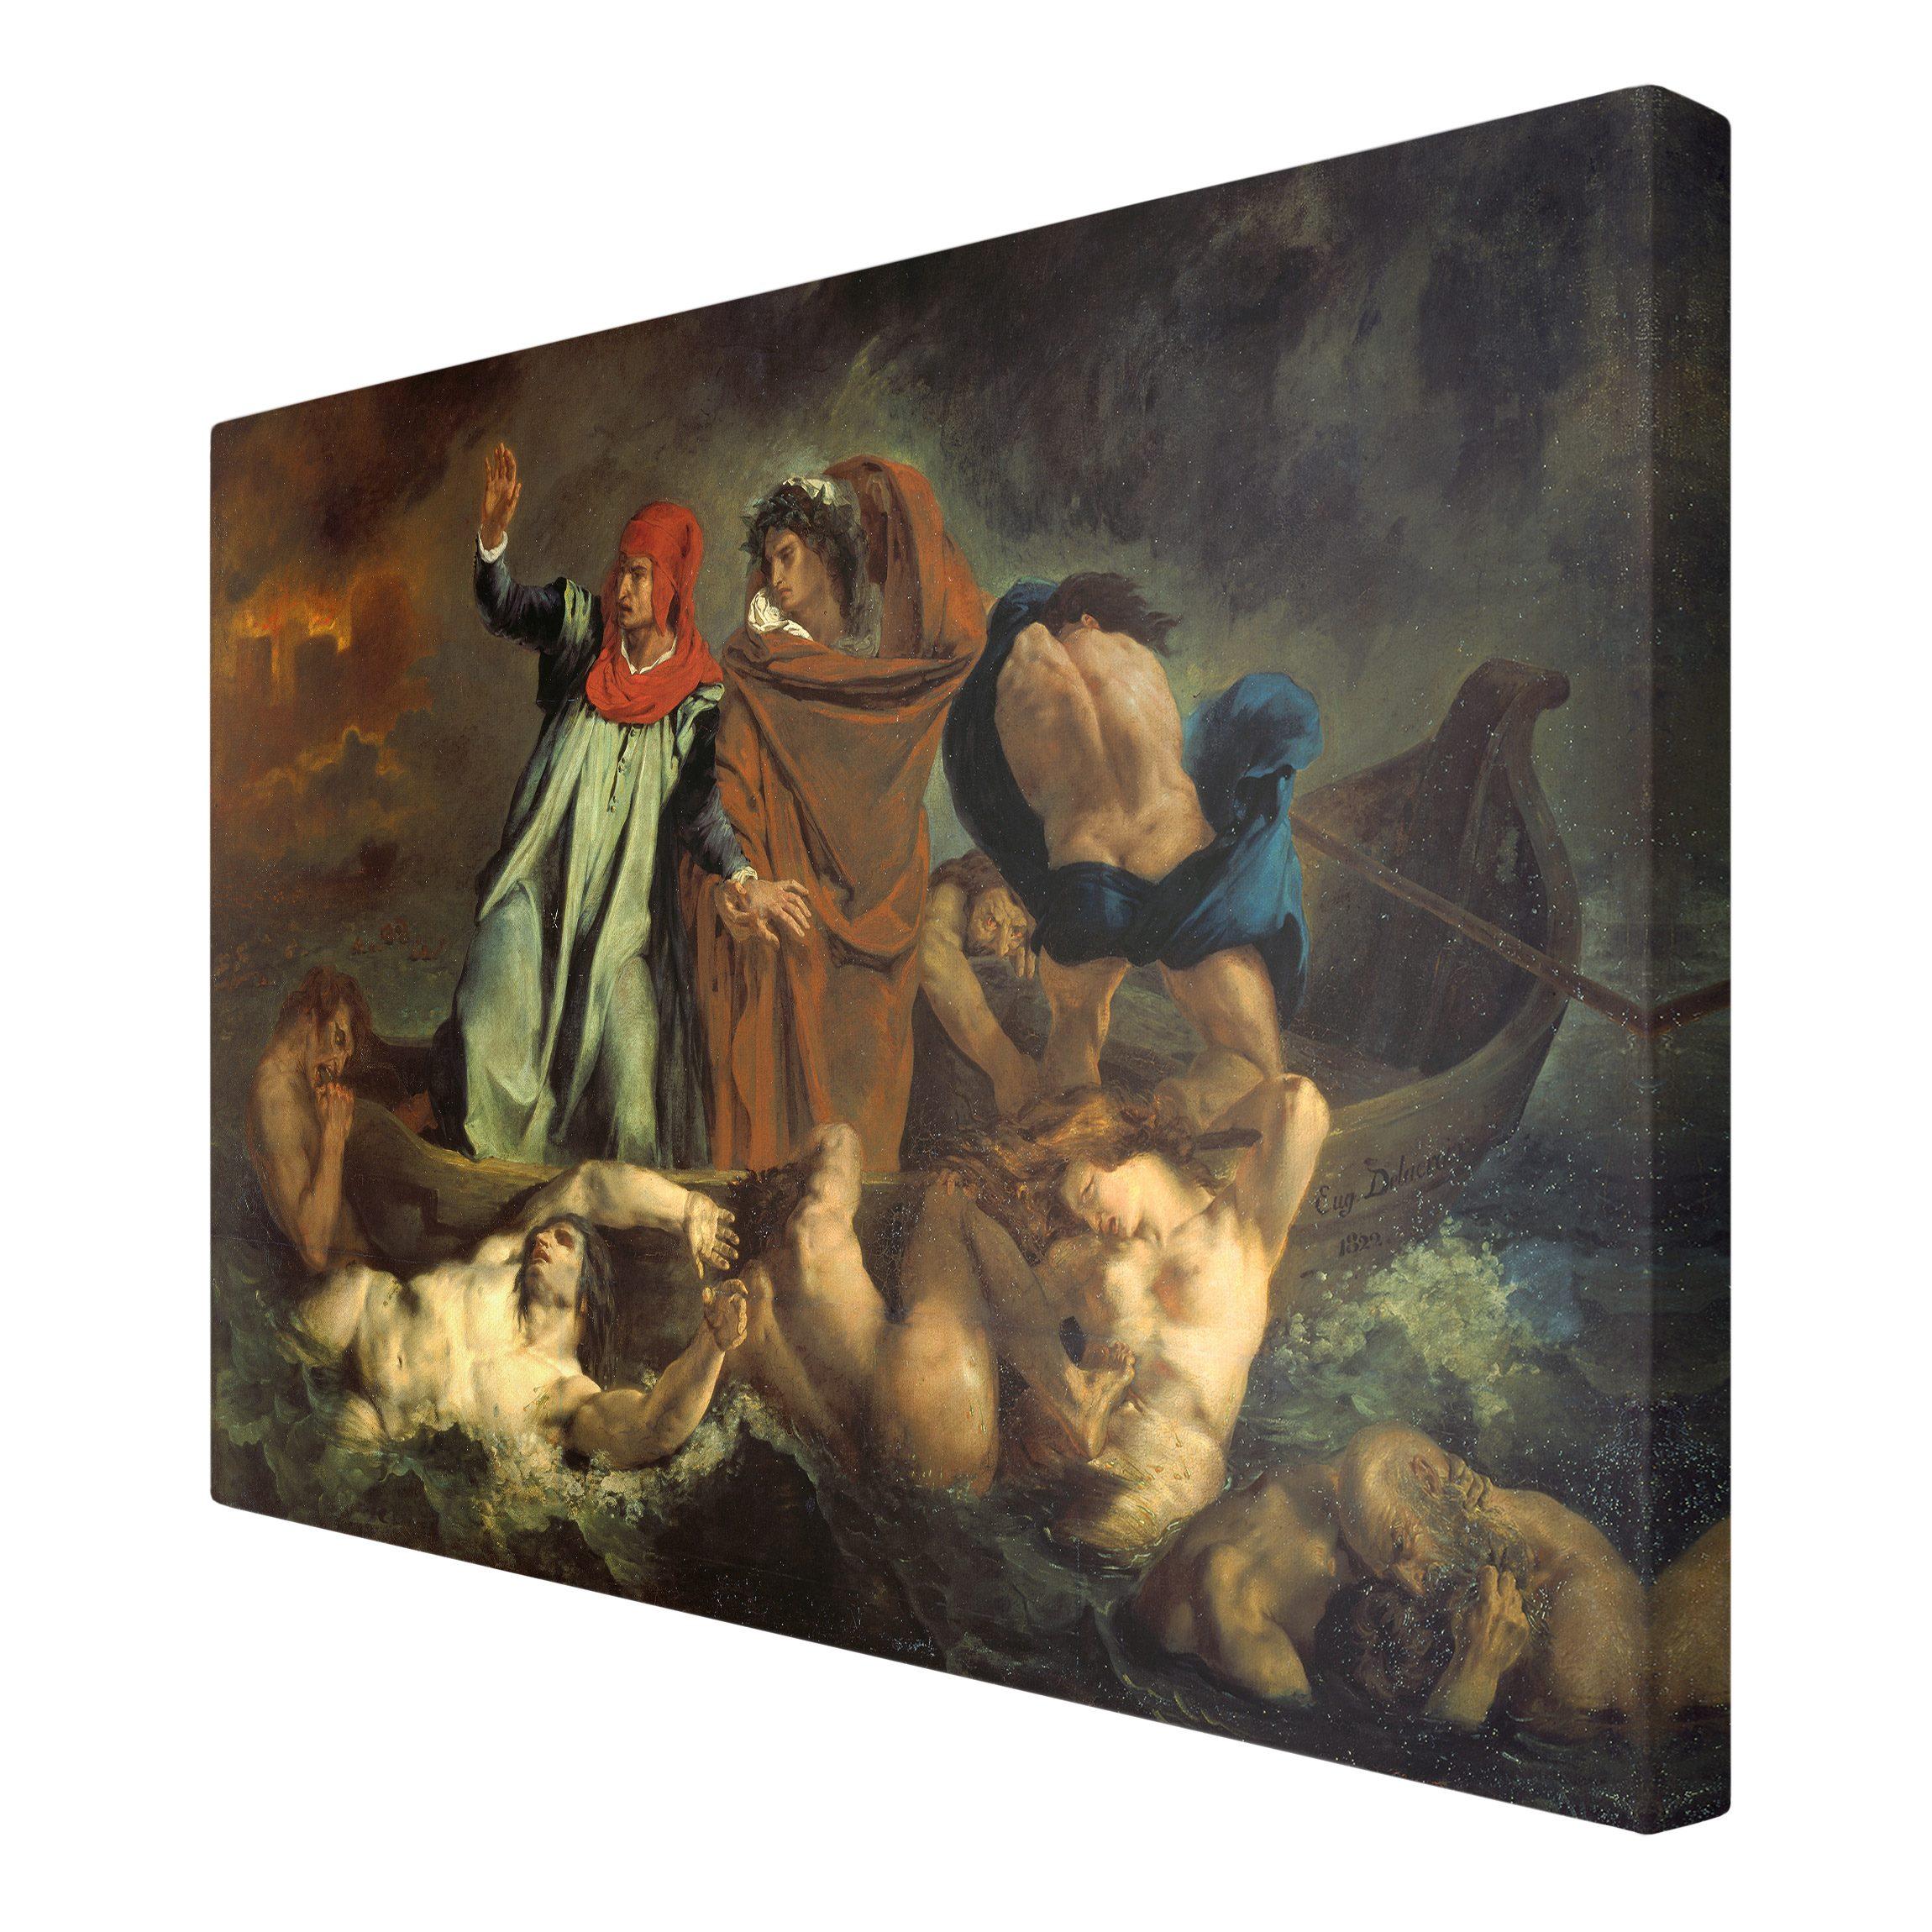 https://cdn03.plentymarkets.com/58wt672estda/item/images/205698/full/Leinwandbild-Eugene-Delacroix-Dante-und-Virgil-i_5.jpg